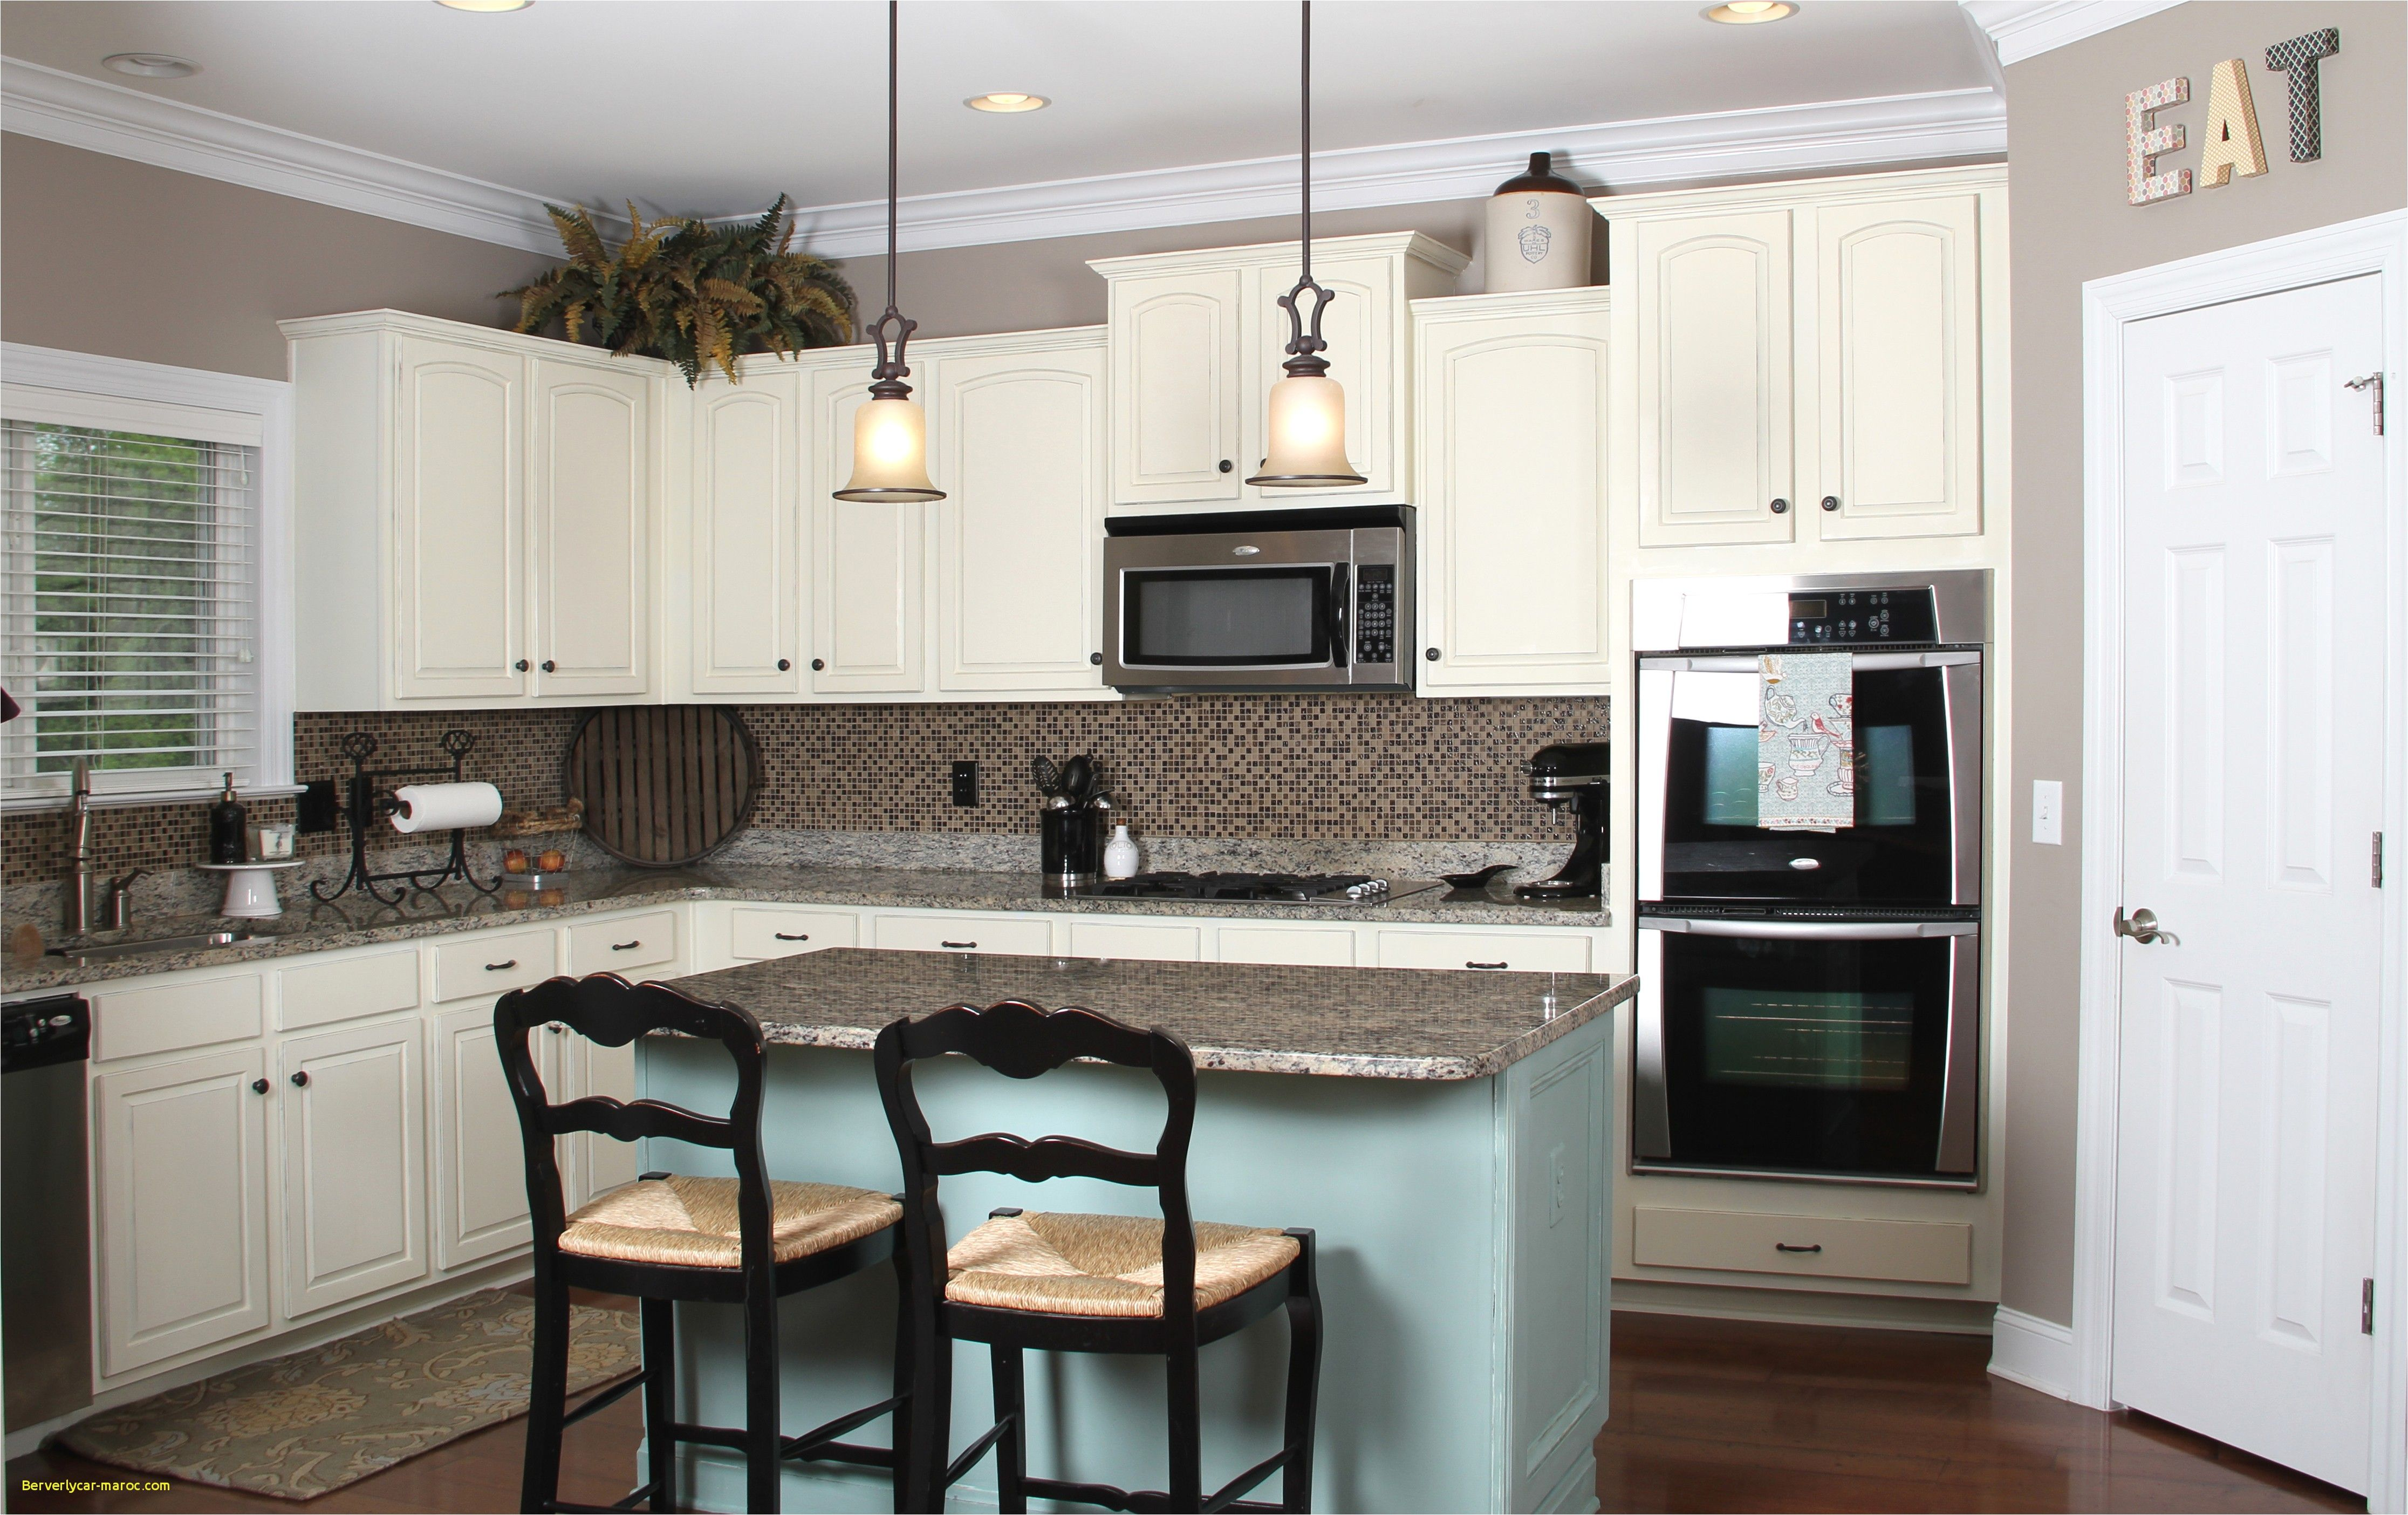 Weiß gelbe küchenideen herrliche alte küchenschränke  gelb rot blau weiß grün und grau